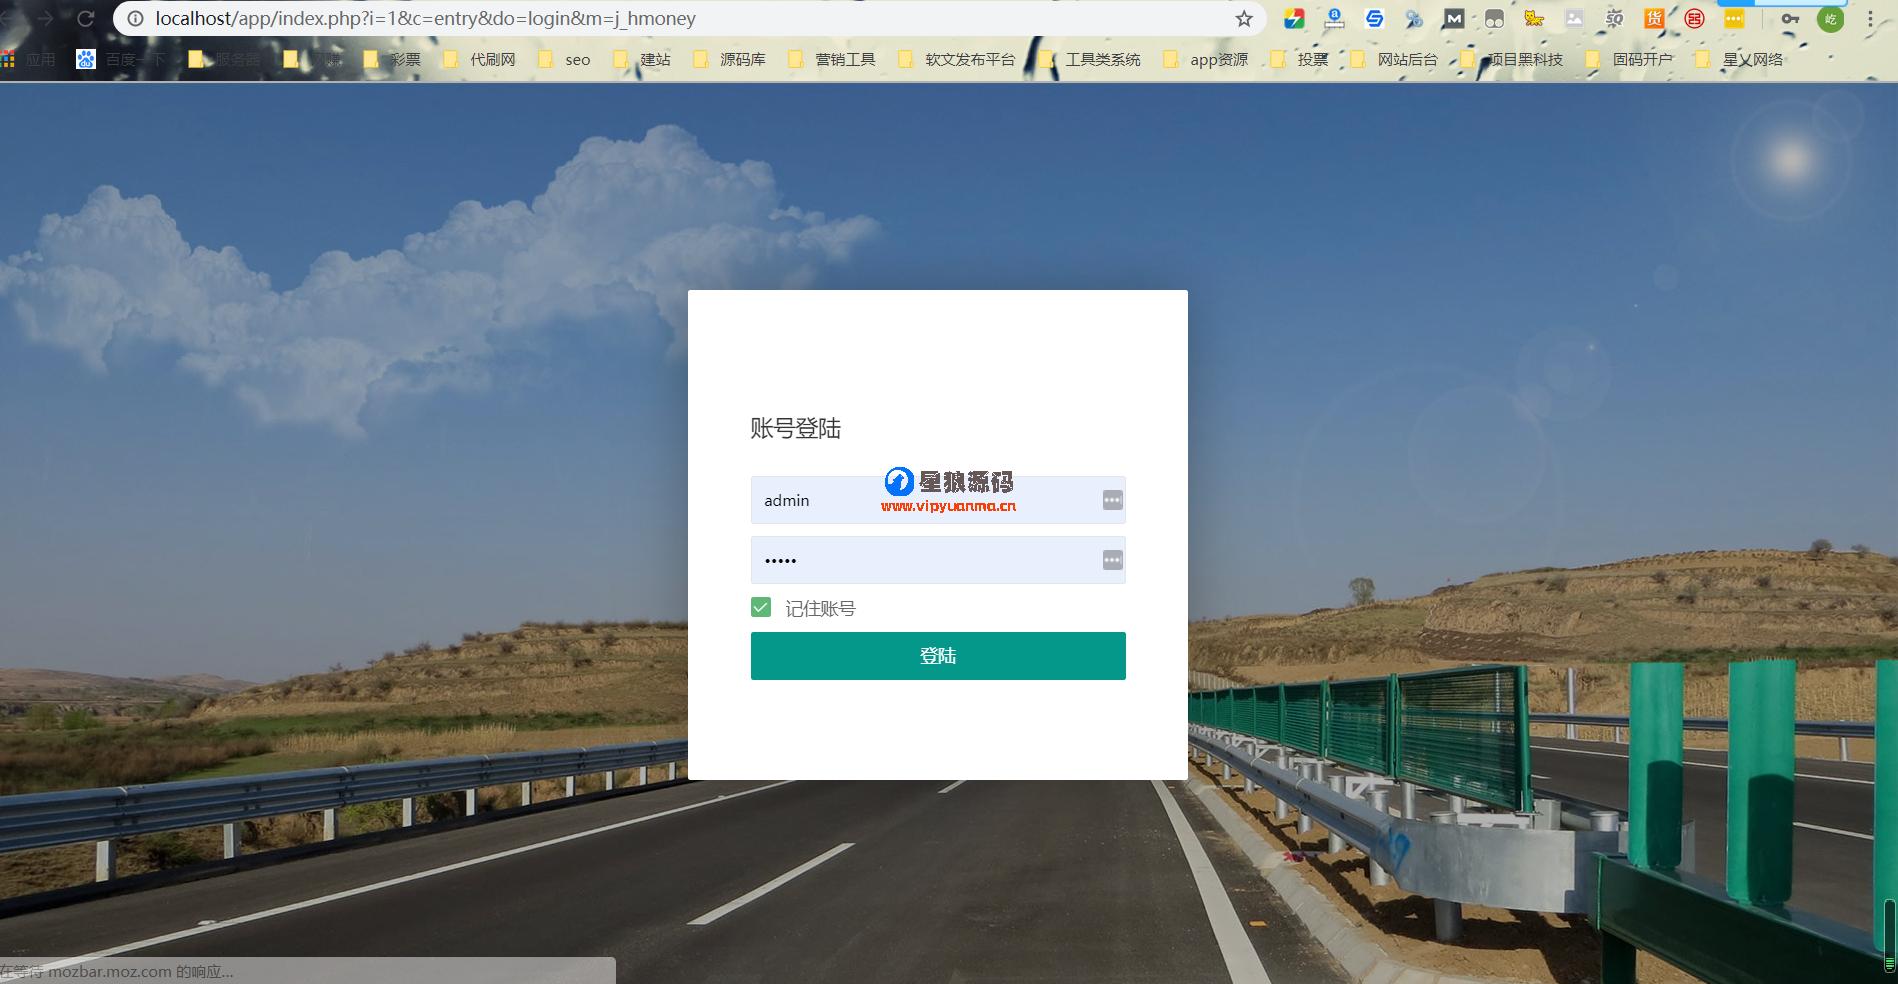 捷讯高级收银台V4.7.8原版模块打包去授权版(星狼源码) 第4张